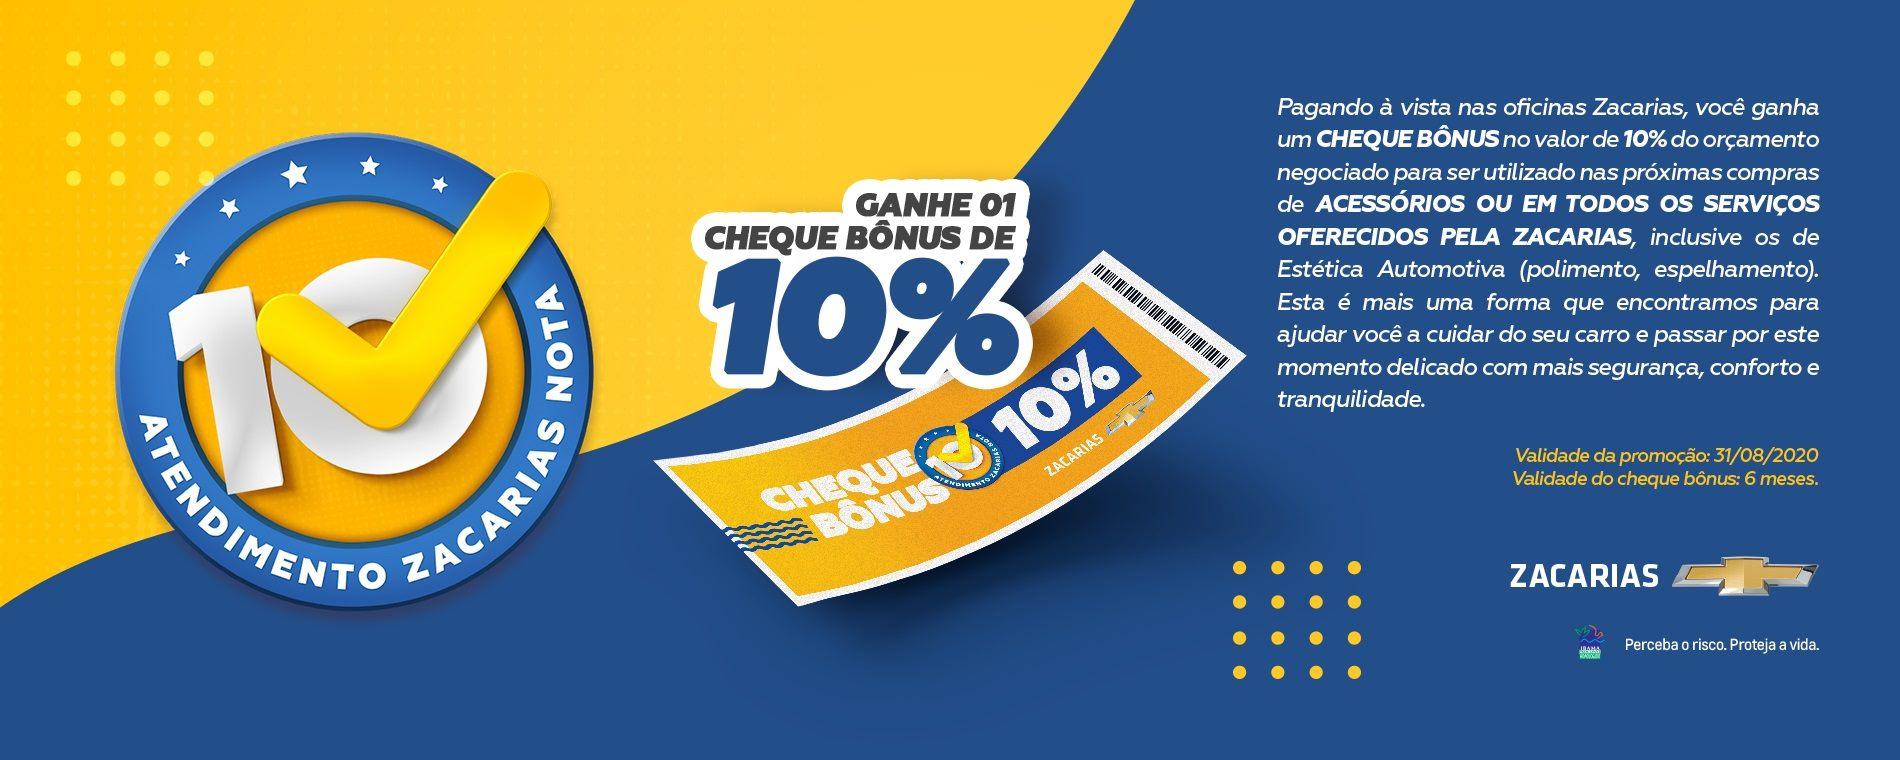 cheque-bonus-zacarias